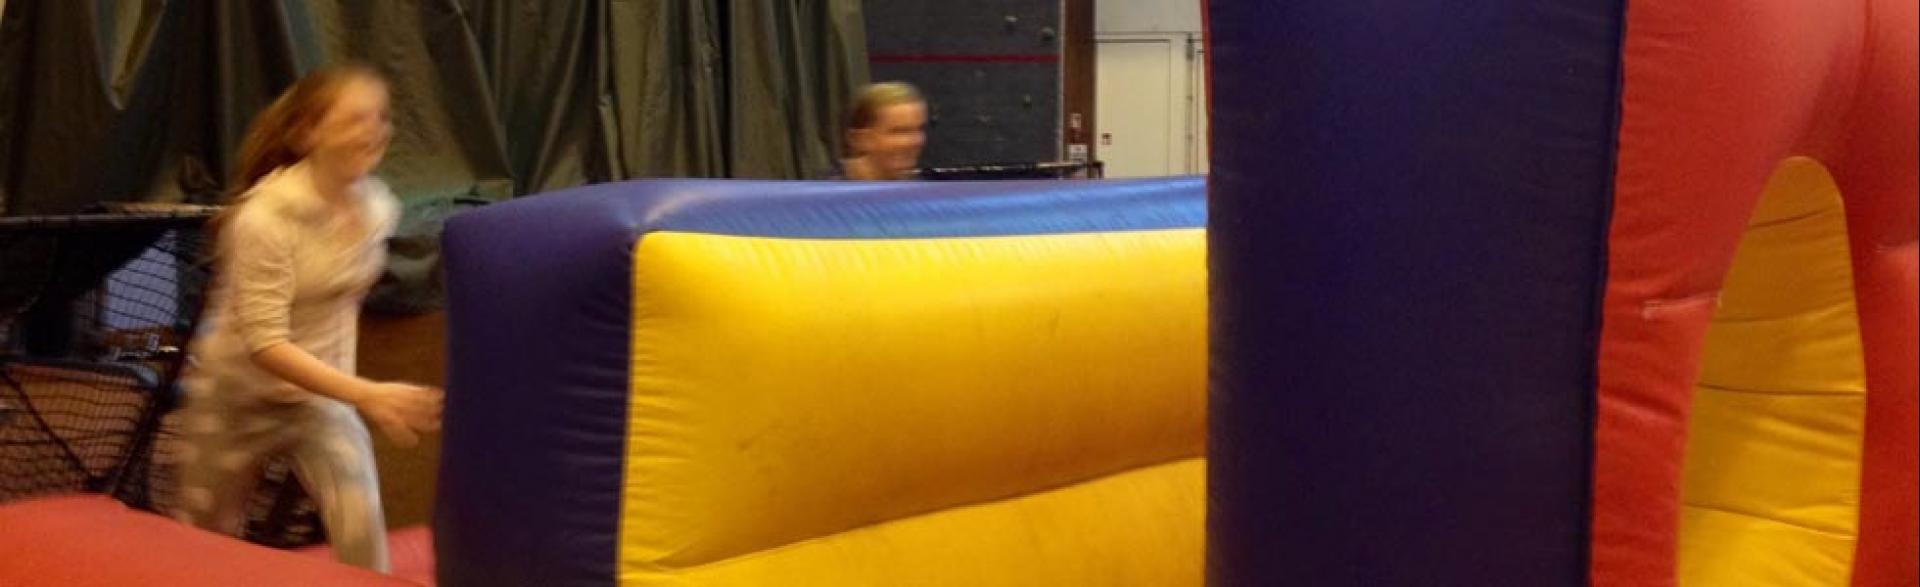 Corporate Fun Days, Benbecula, October 2014